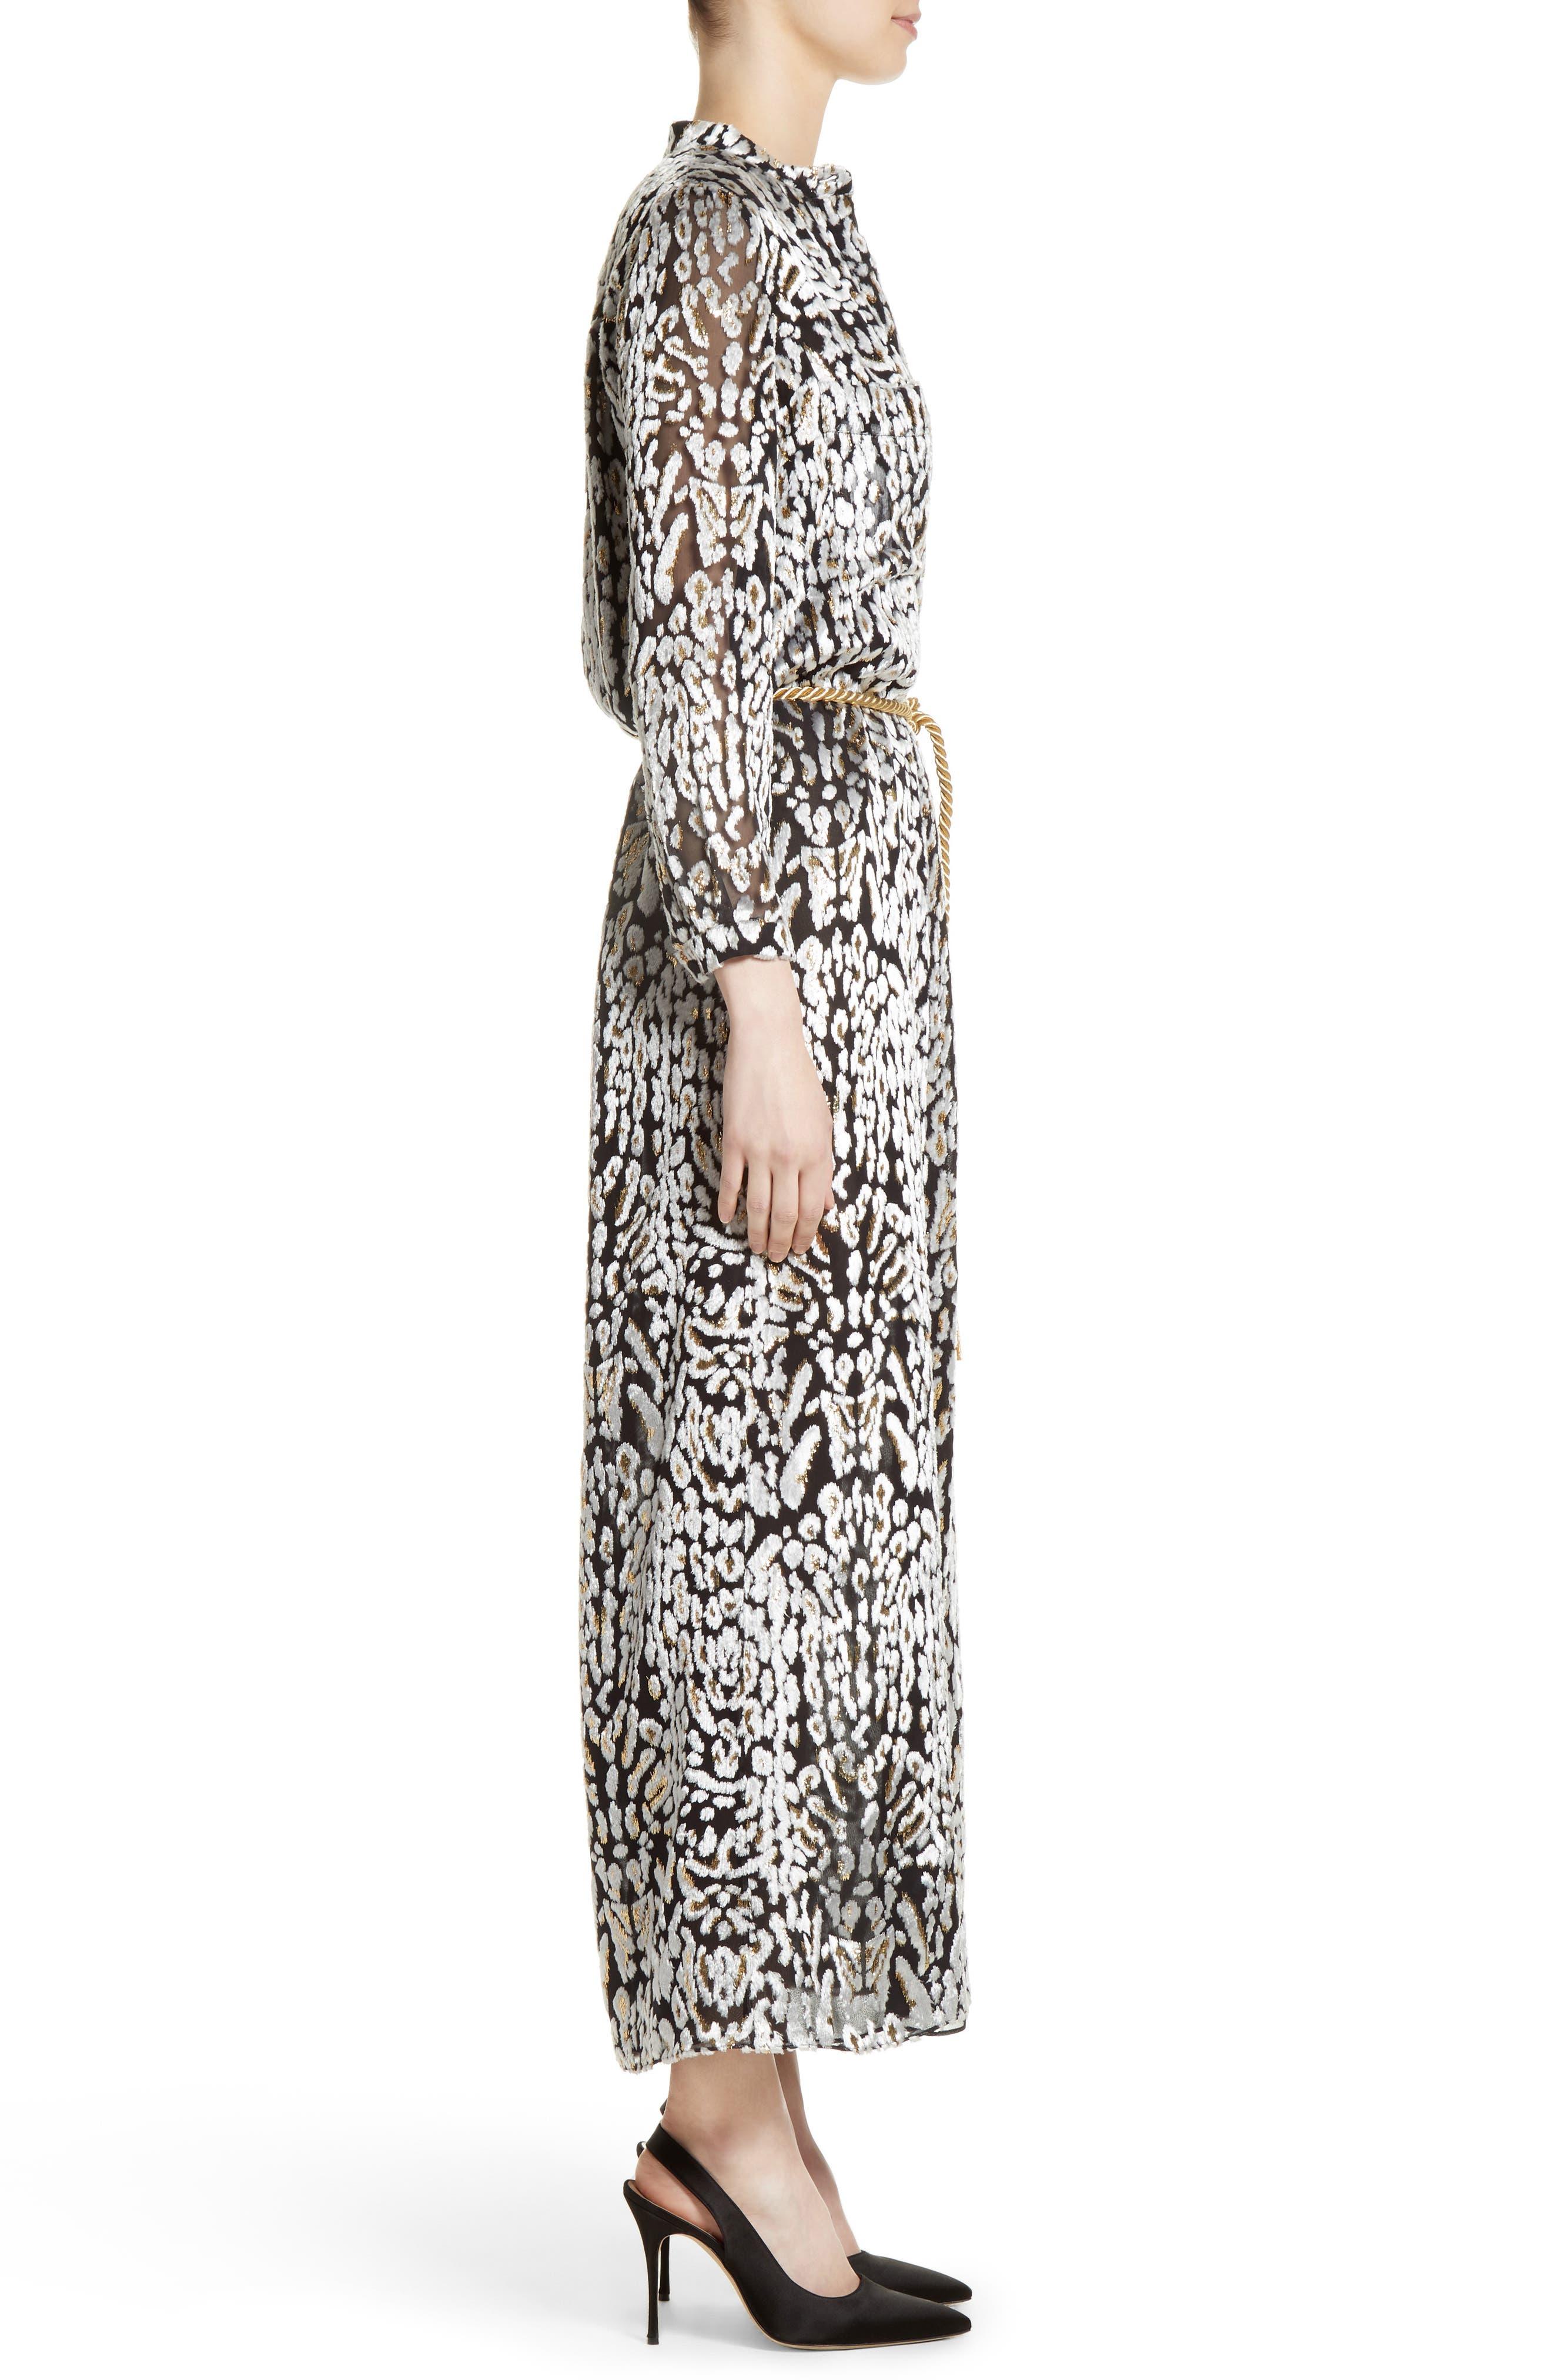 Ocelot Print Velvet Jacquard Dress,                             Alternate thumbnail 3, color,                             001